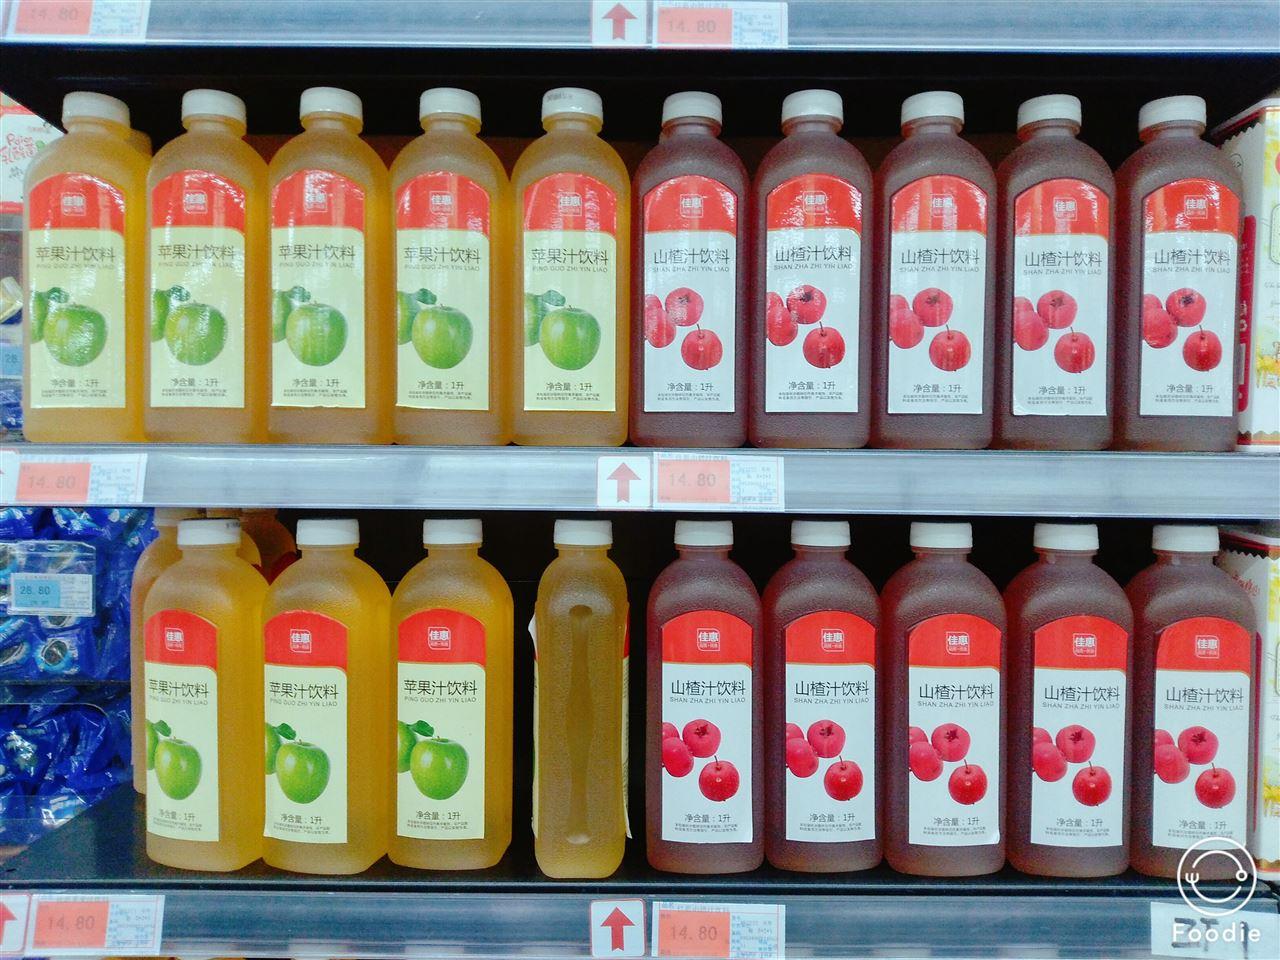 健康果汁学问多 鲜榨、冷链不能少